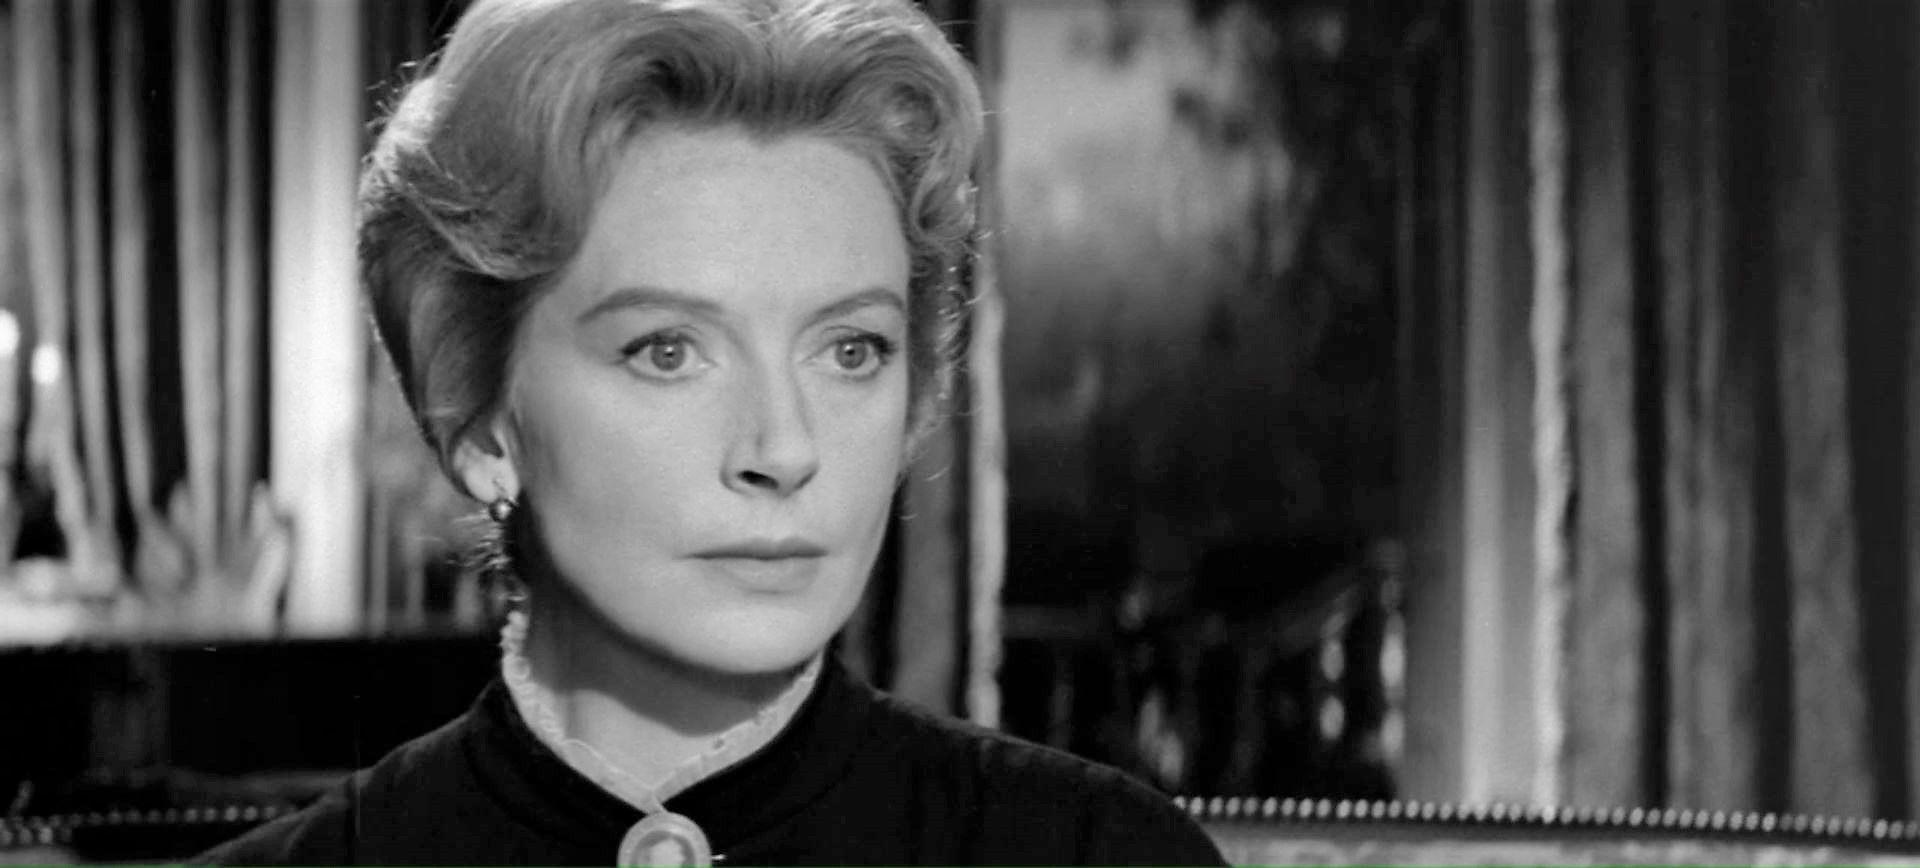 THE INNOCENTS 1961   Deborah kerr, Best actress, British films